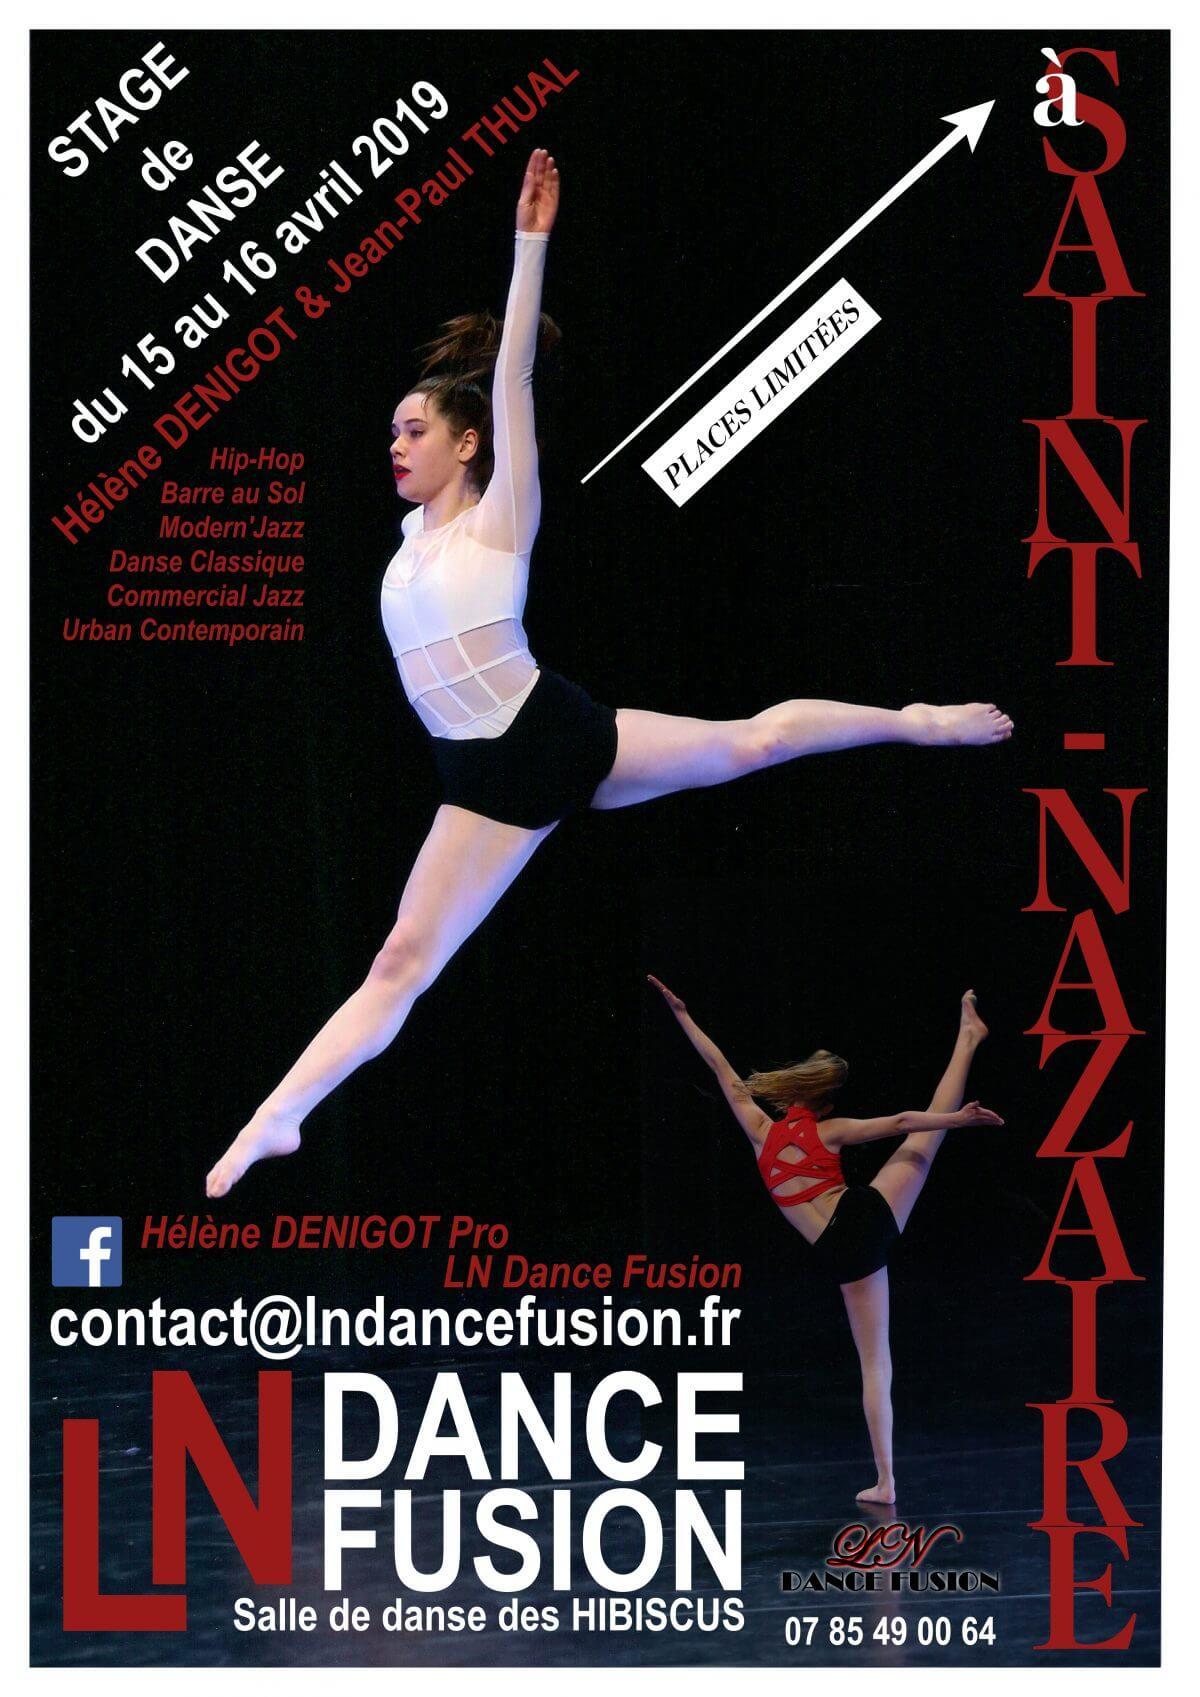 Affiche stage de danse LN Dance Fusion à Saint-Nazaire